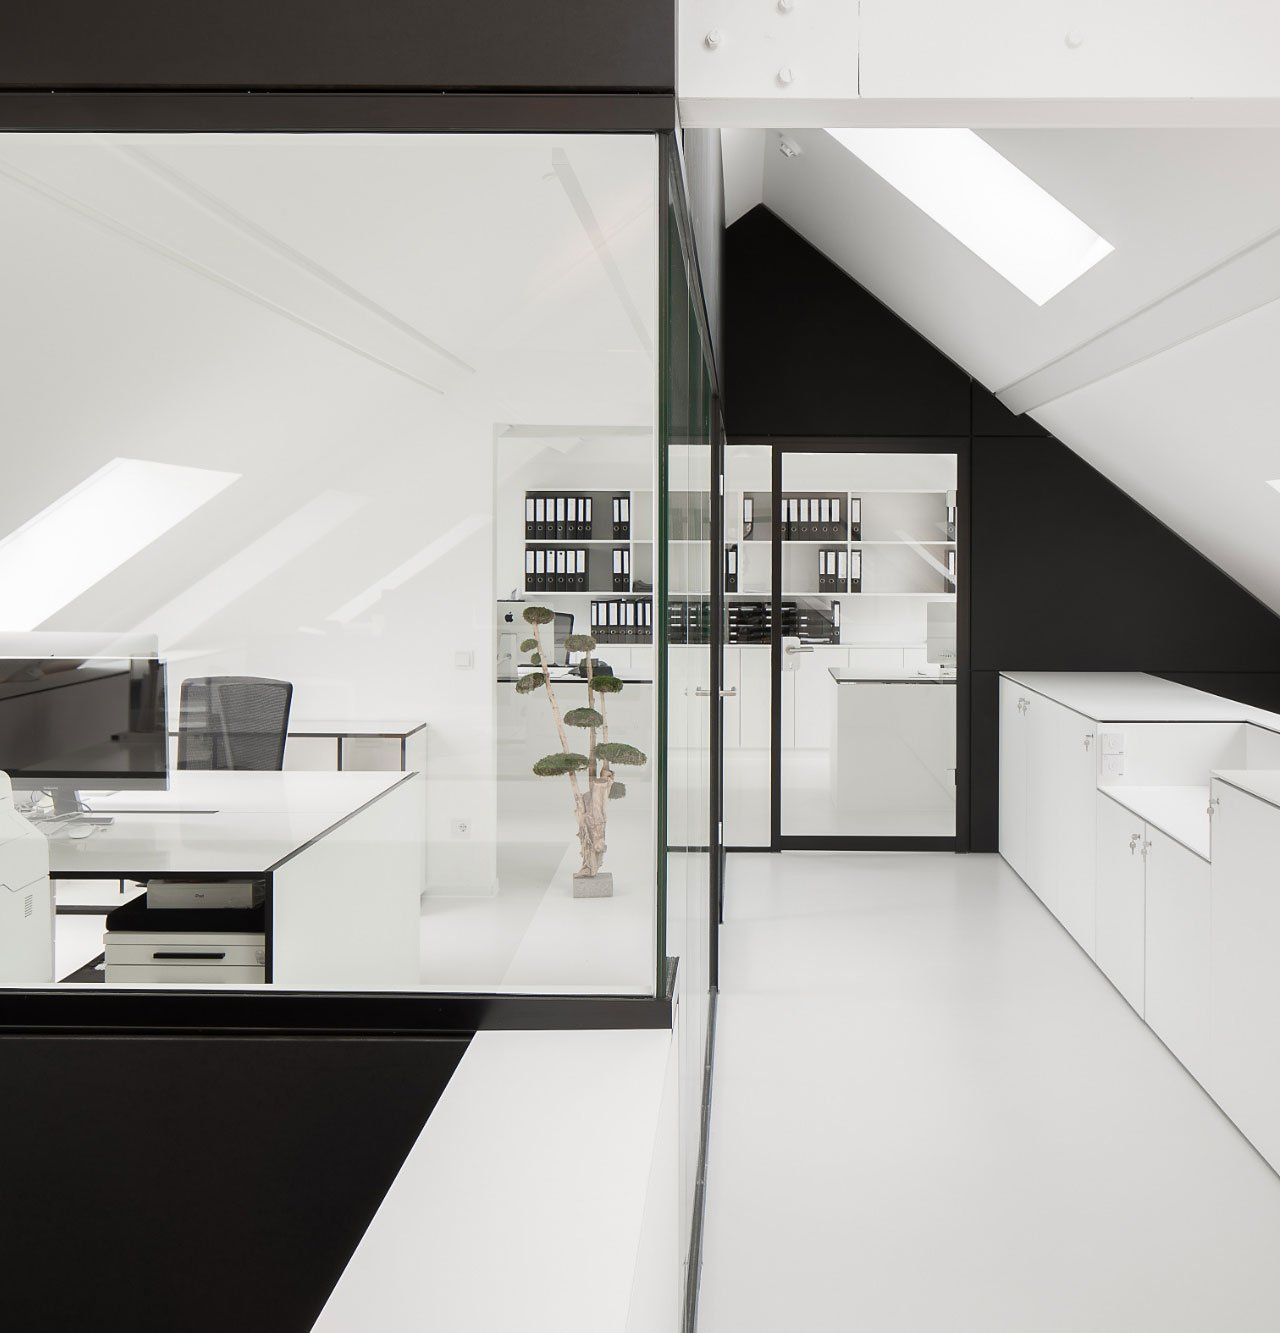 Erweiterung des mo.office in Meerbusch